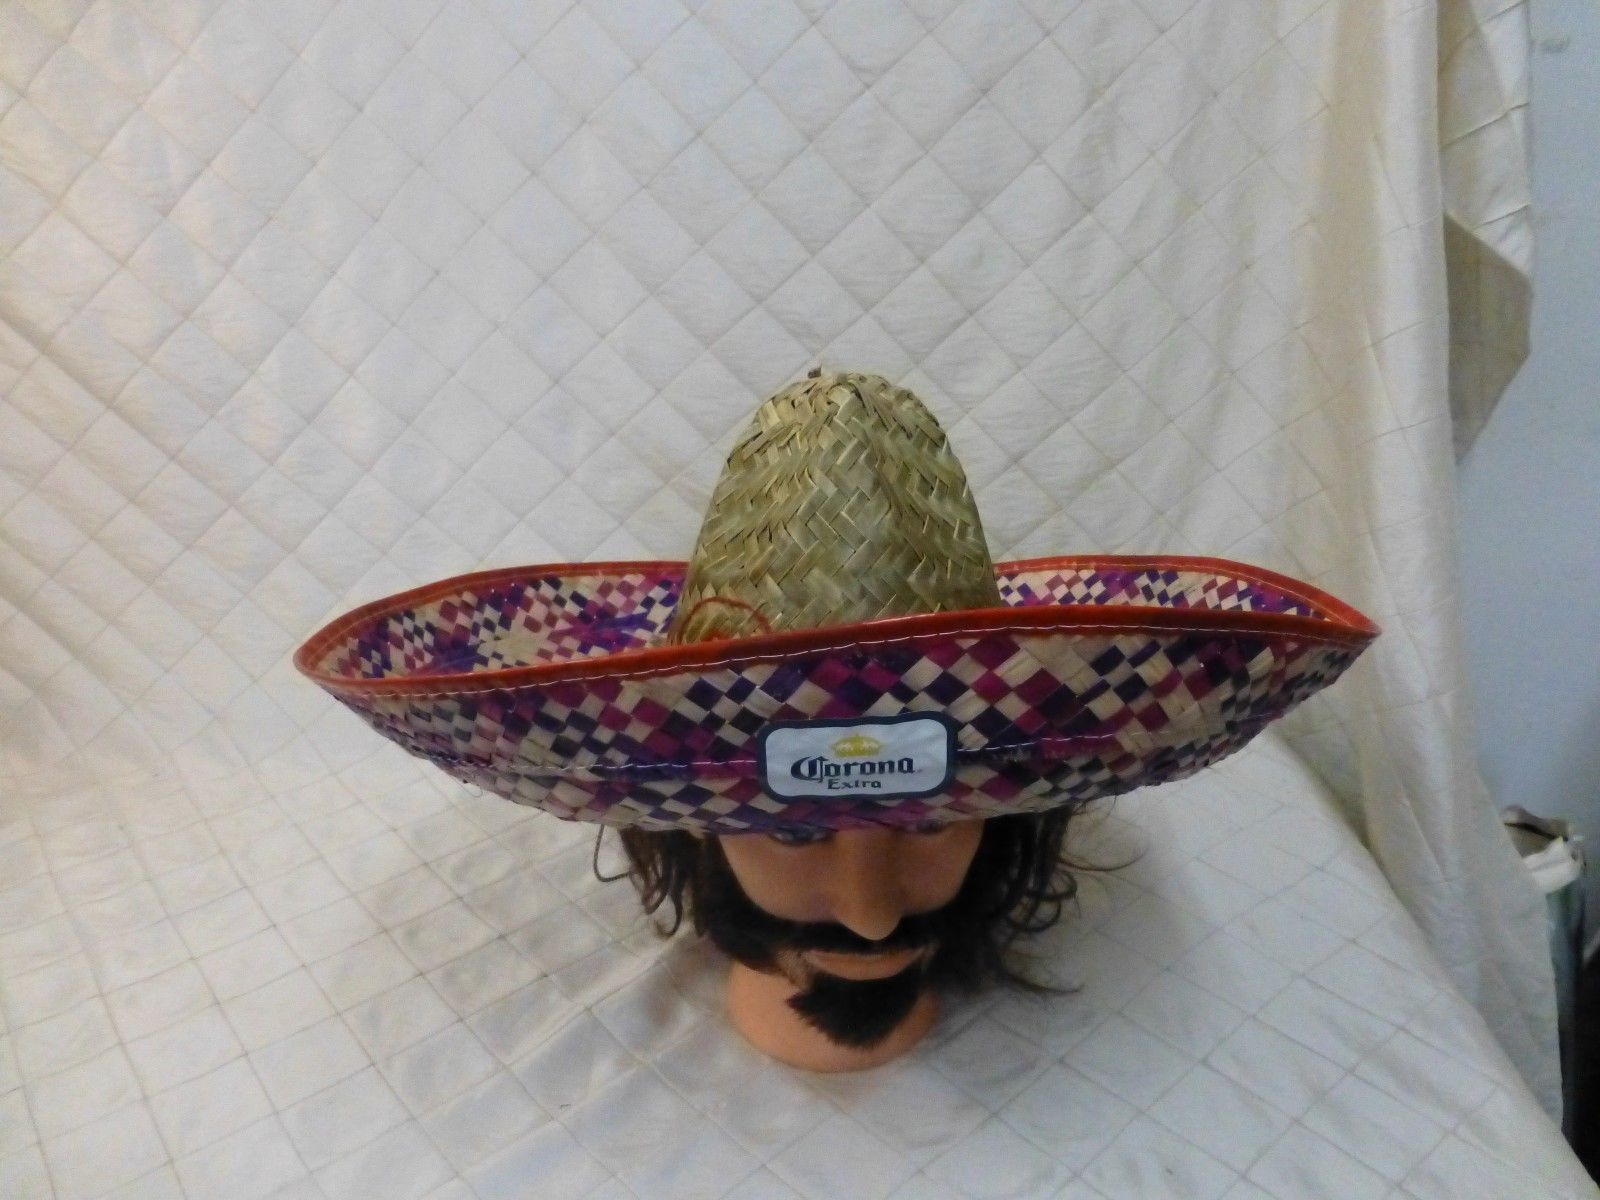 cd8e0cfb2f1 Vintage 90s Corona Extra Straw Hat Sombrero and 50 similar items